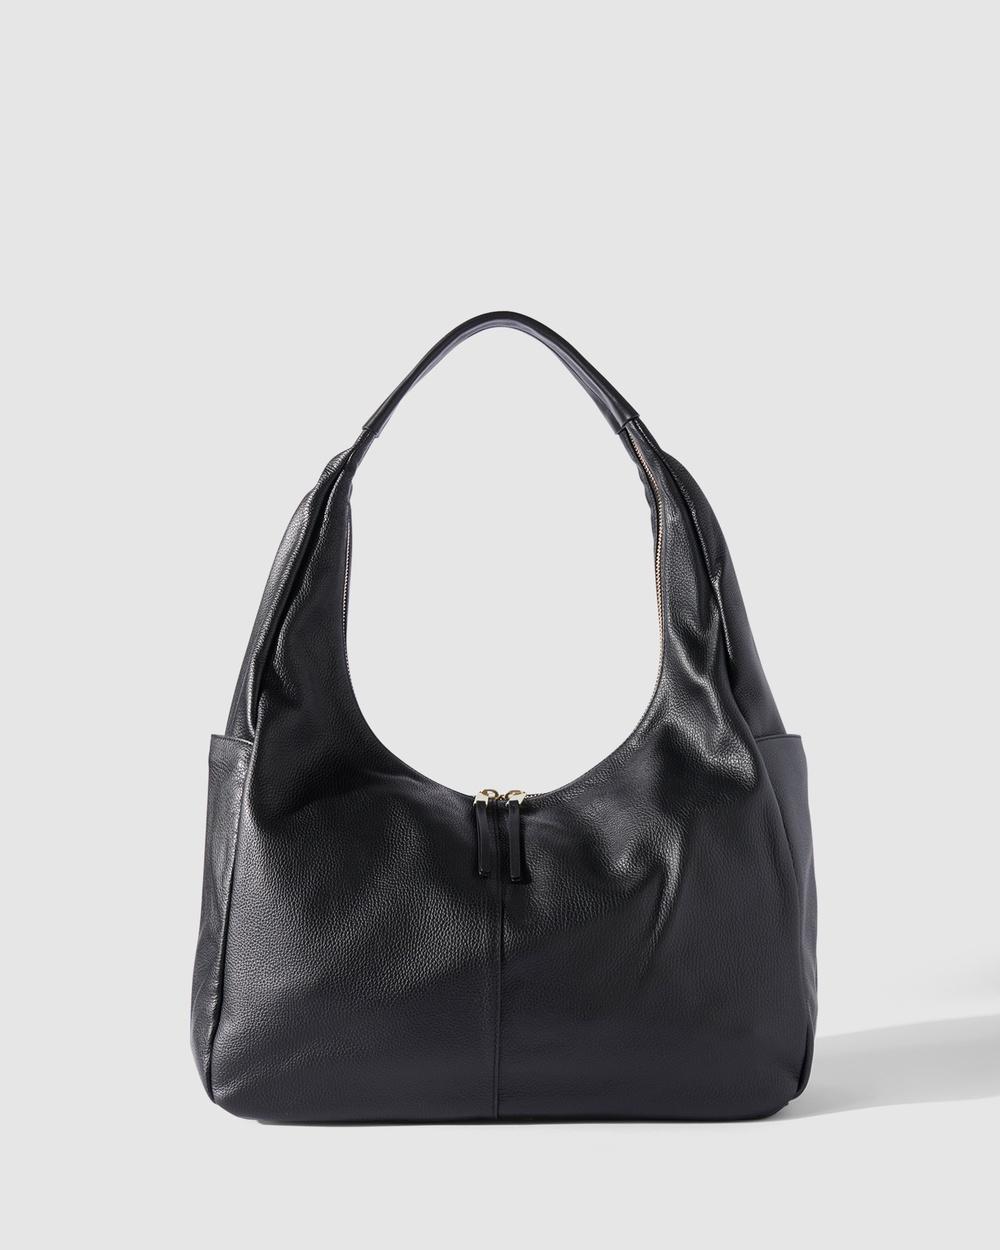 Kinnon Amelia Travel + Weekender Bag Bags Black